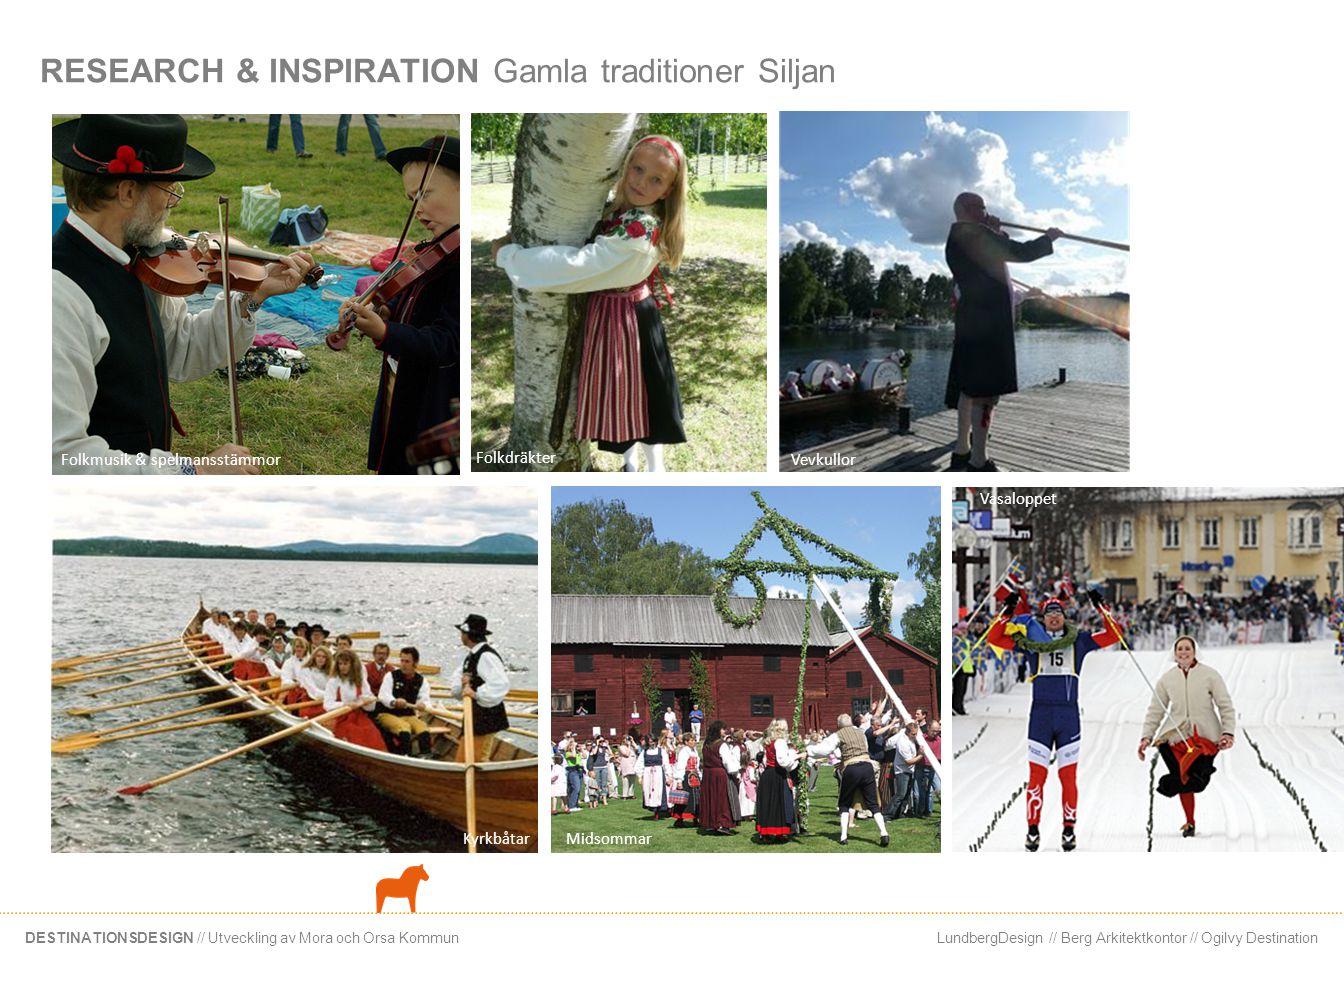 LundbergDesign // Berg Arkitektkontor // Ogilvy DestinationDESTINATIONSDESIGN // Utveckling av Mora och Orsa Kommun RESEARCH & INSPIRATION Gamla tradi